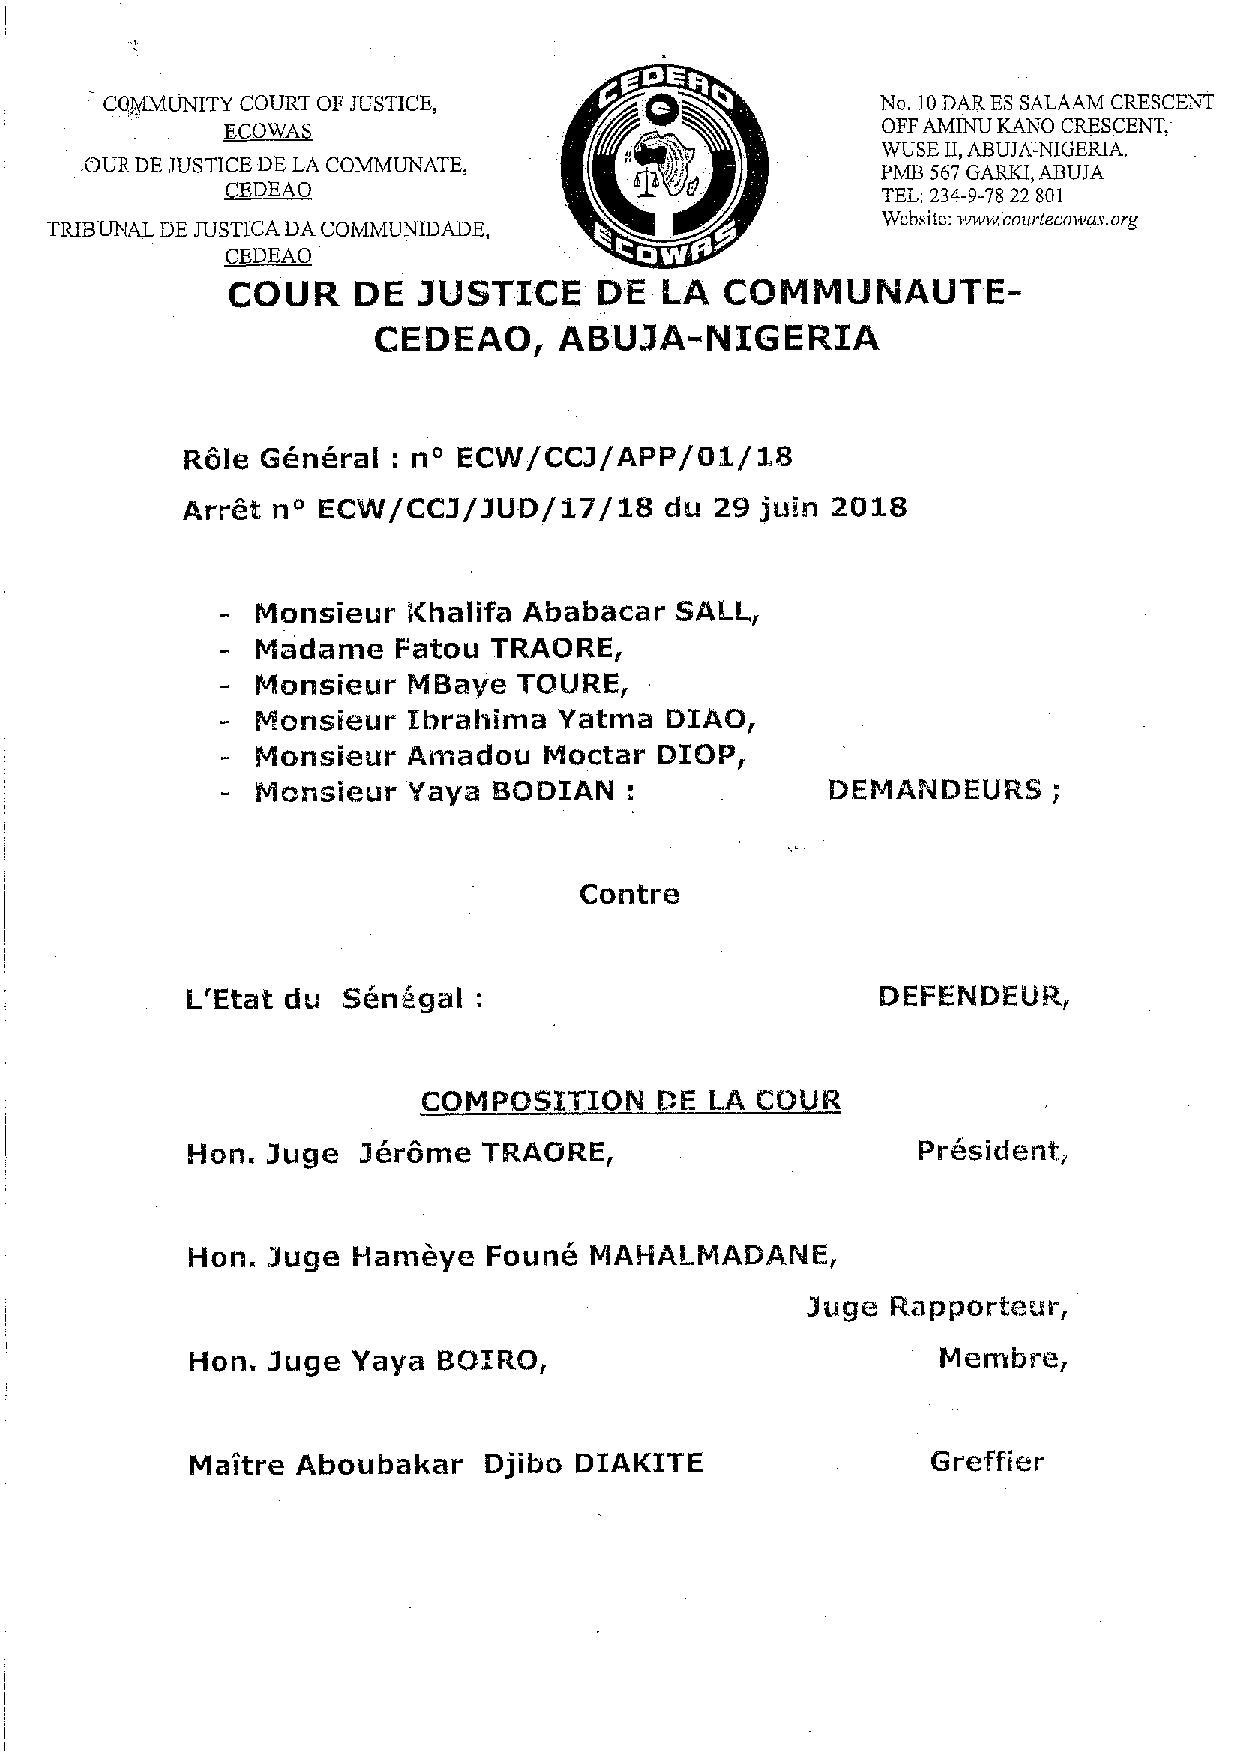 Exclusif : L'arrêt de la Cour de justice de la Cedeao sur l'affaire Khalifa Sall (document PDF)